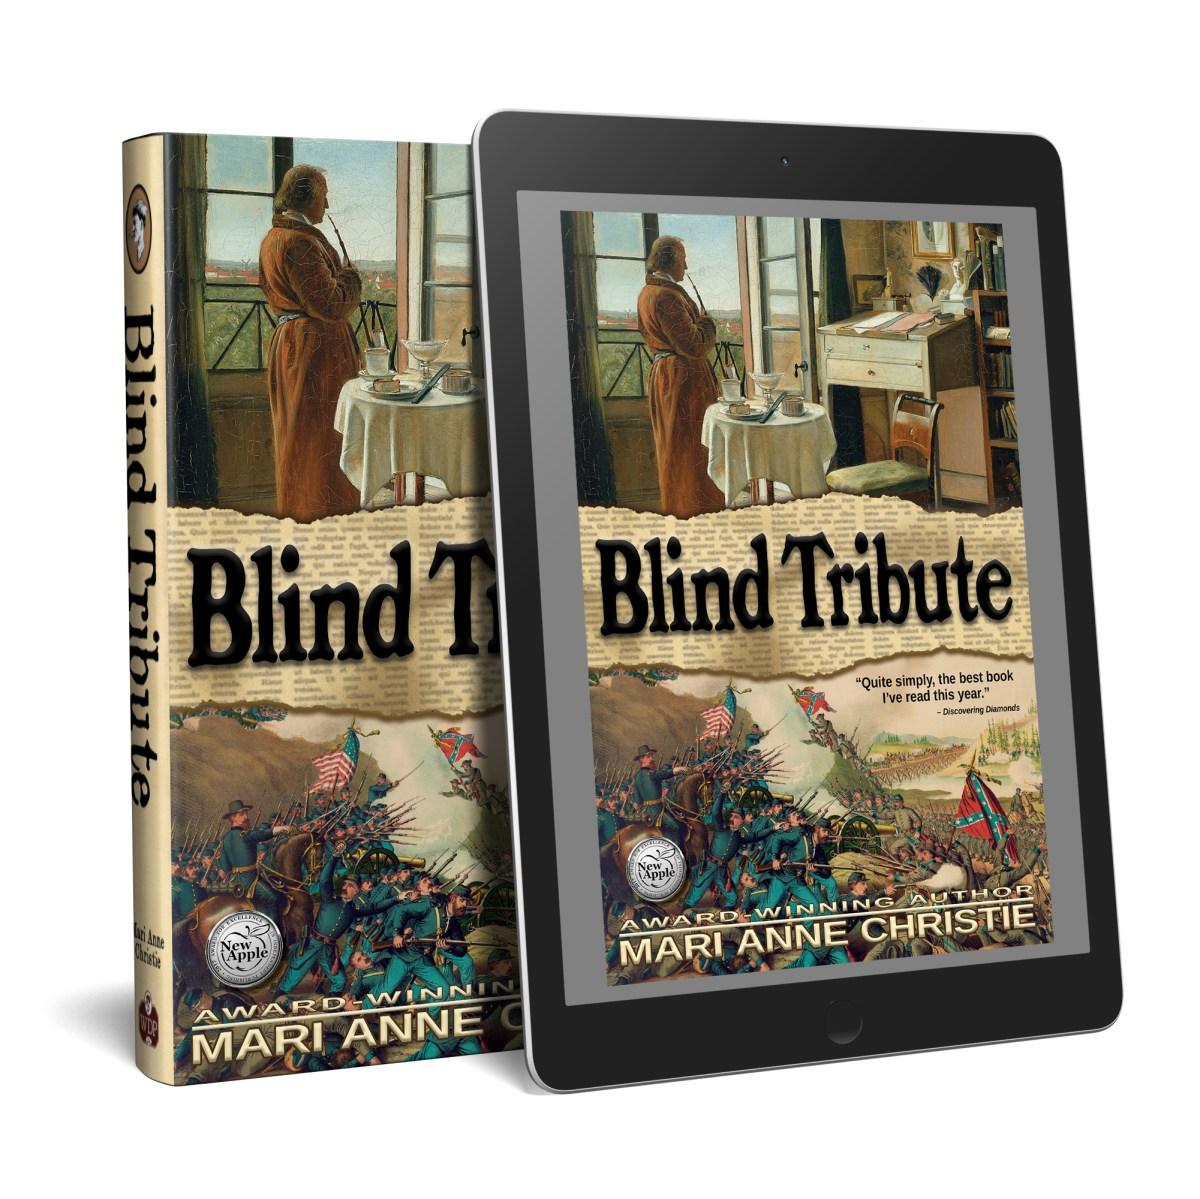 Blind Tribute e-book